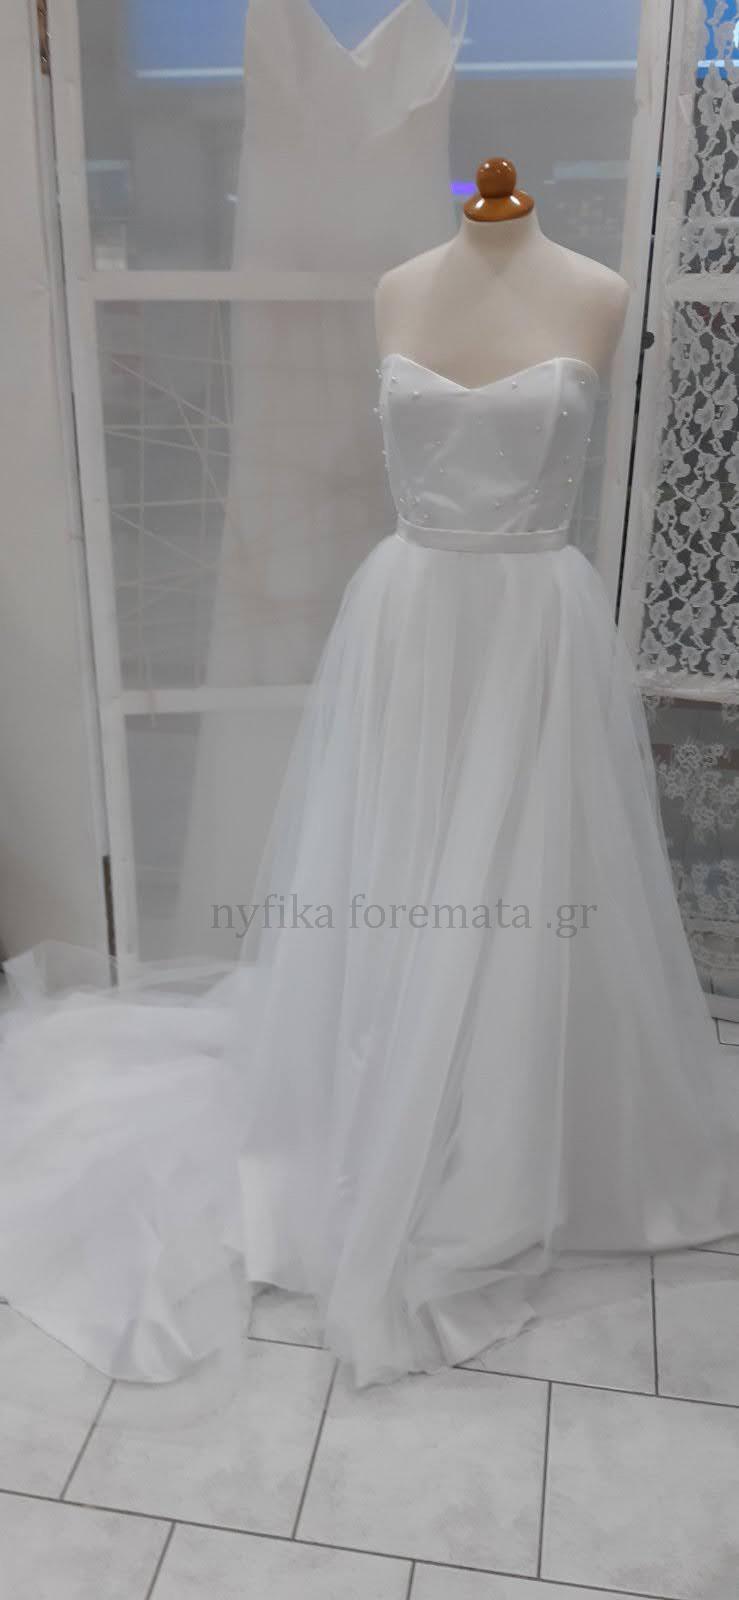 Νυφικό φόρεμα στράπλες τούλι πέρλες